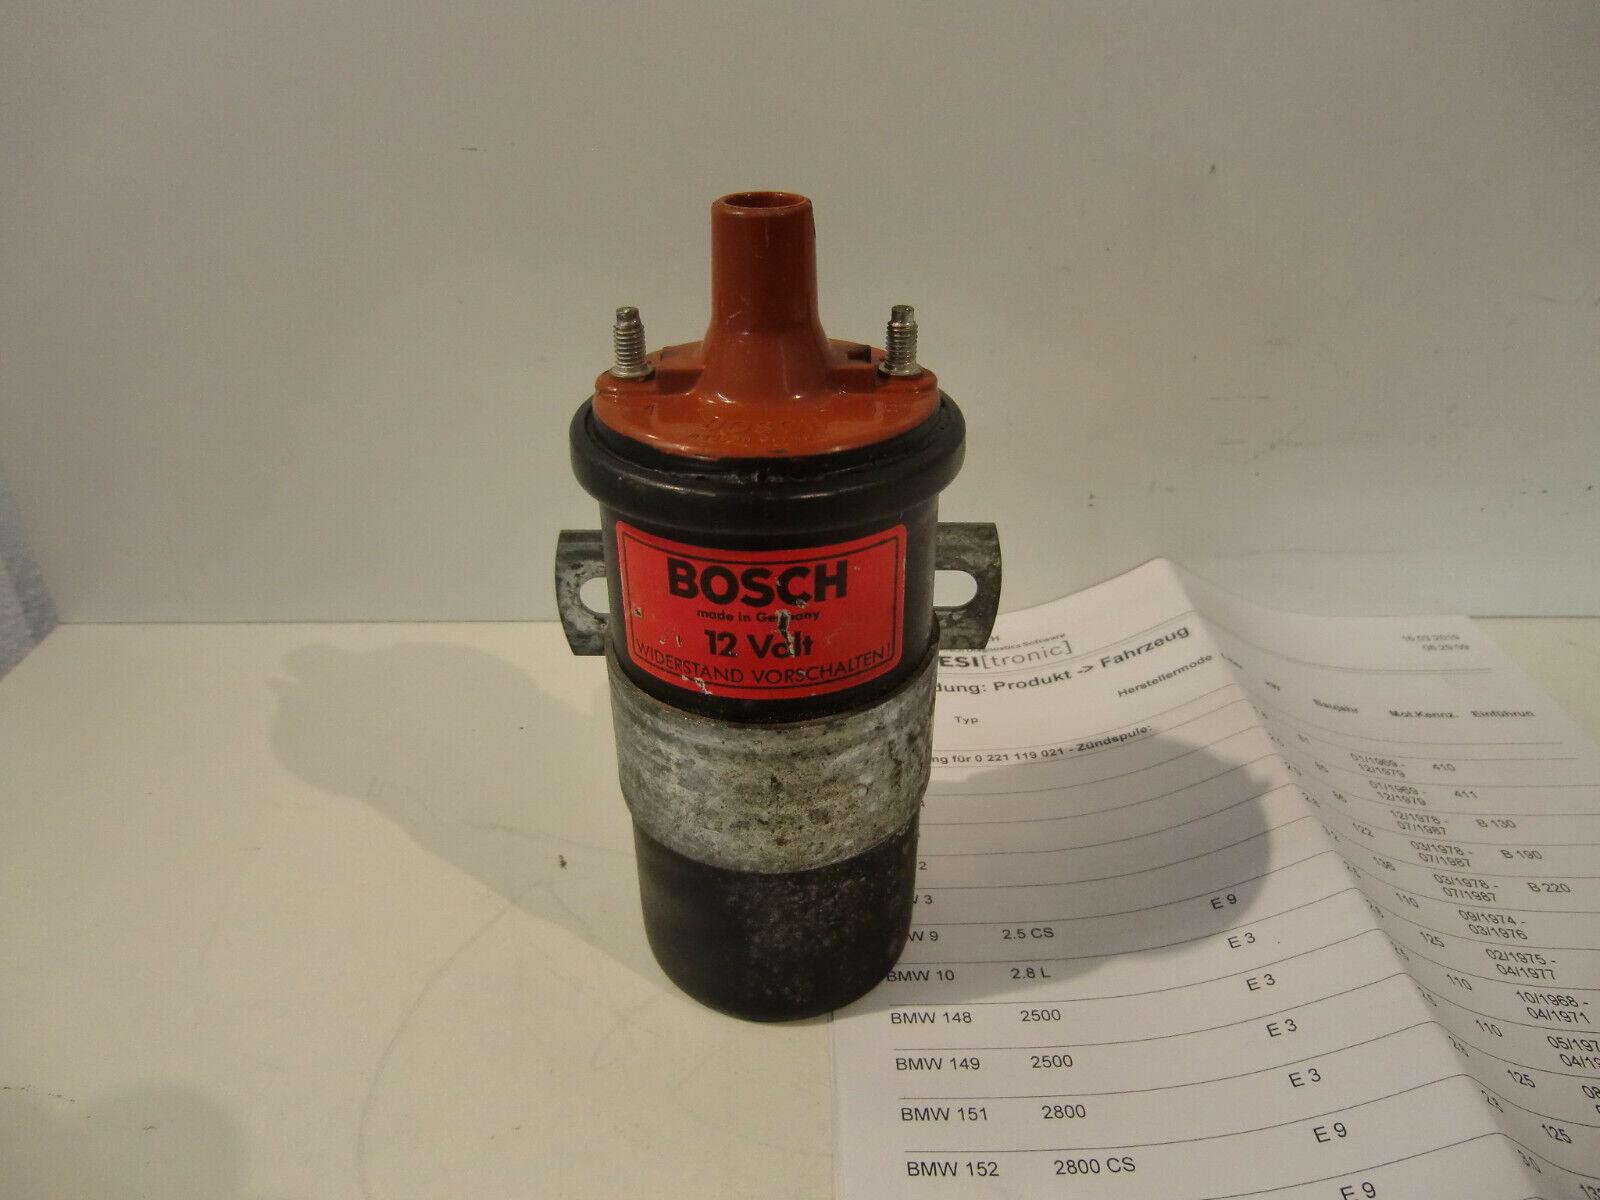 orig. 12 Volt Bosch Zündspule Nr. 0221119021 f. BMW E3 , E9 , E21 , E12 Oldtimer